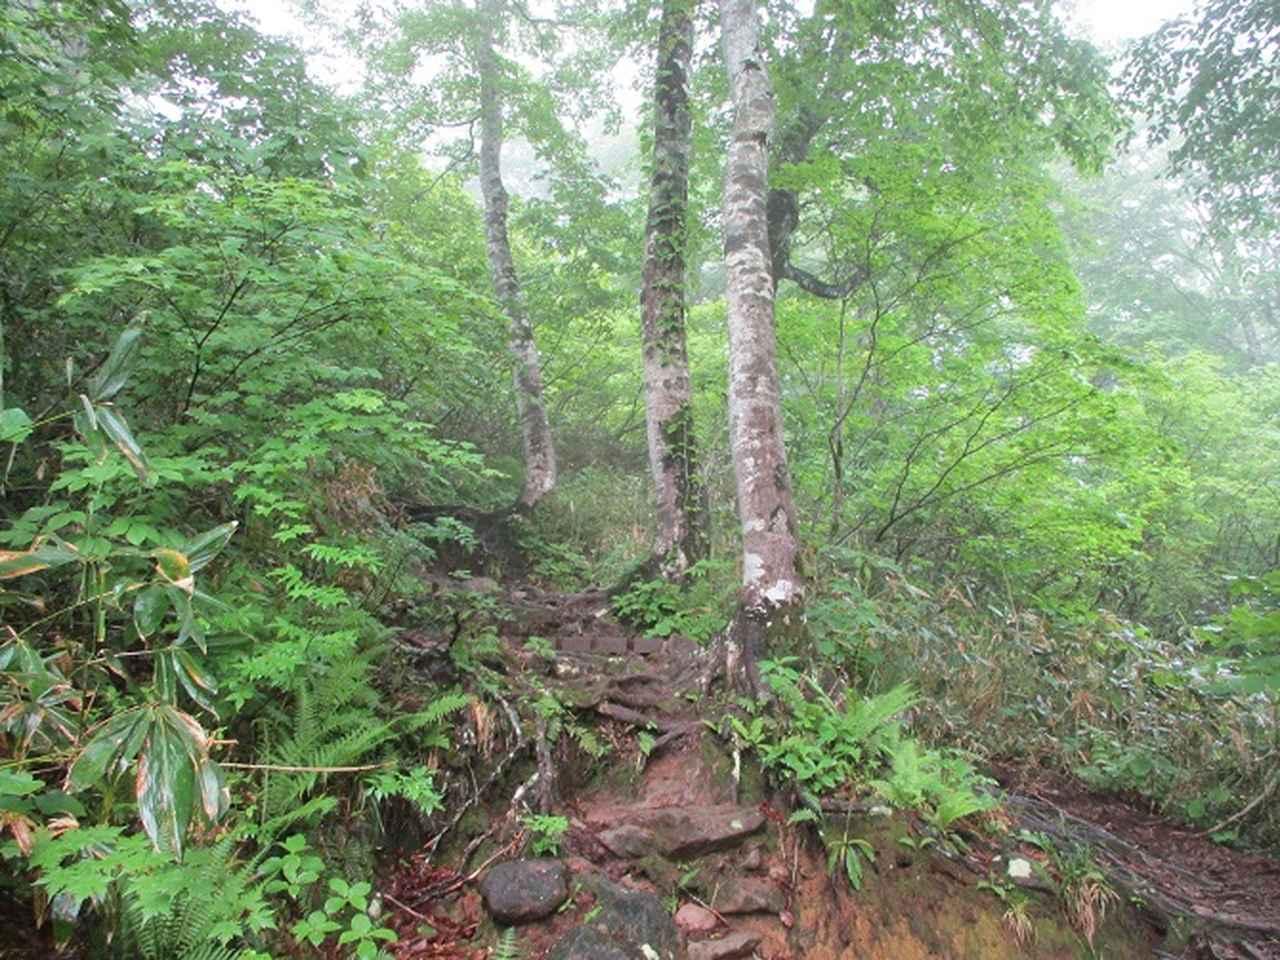 画像1: 7月16日より2泊で山旅会 「三国山と苗場山」 ツアーに行ってきました!